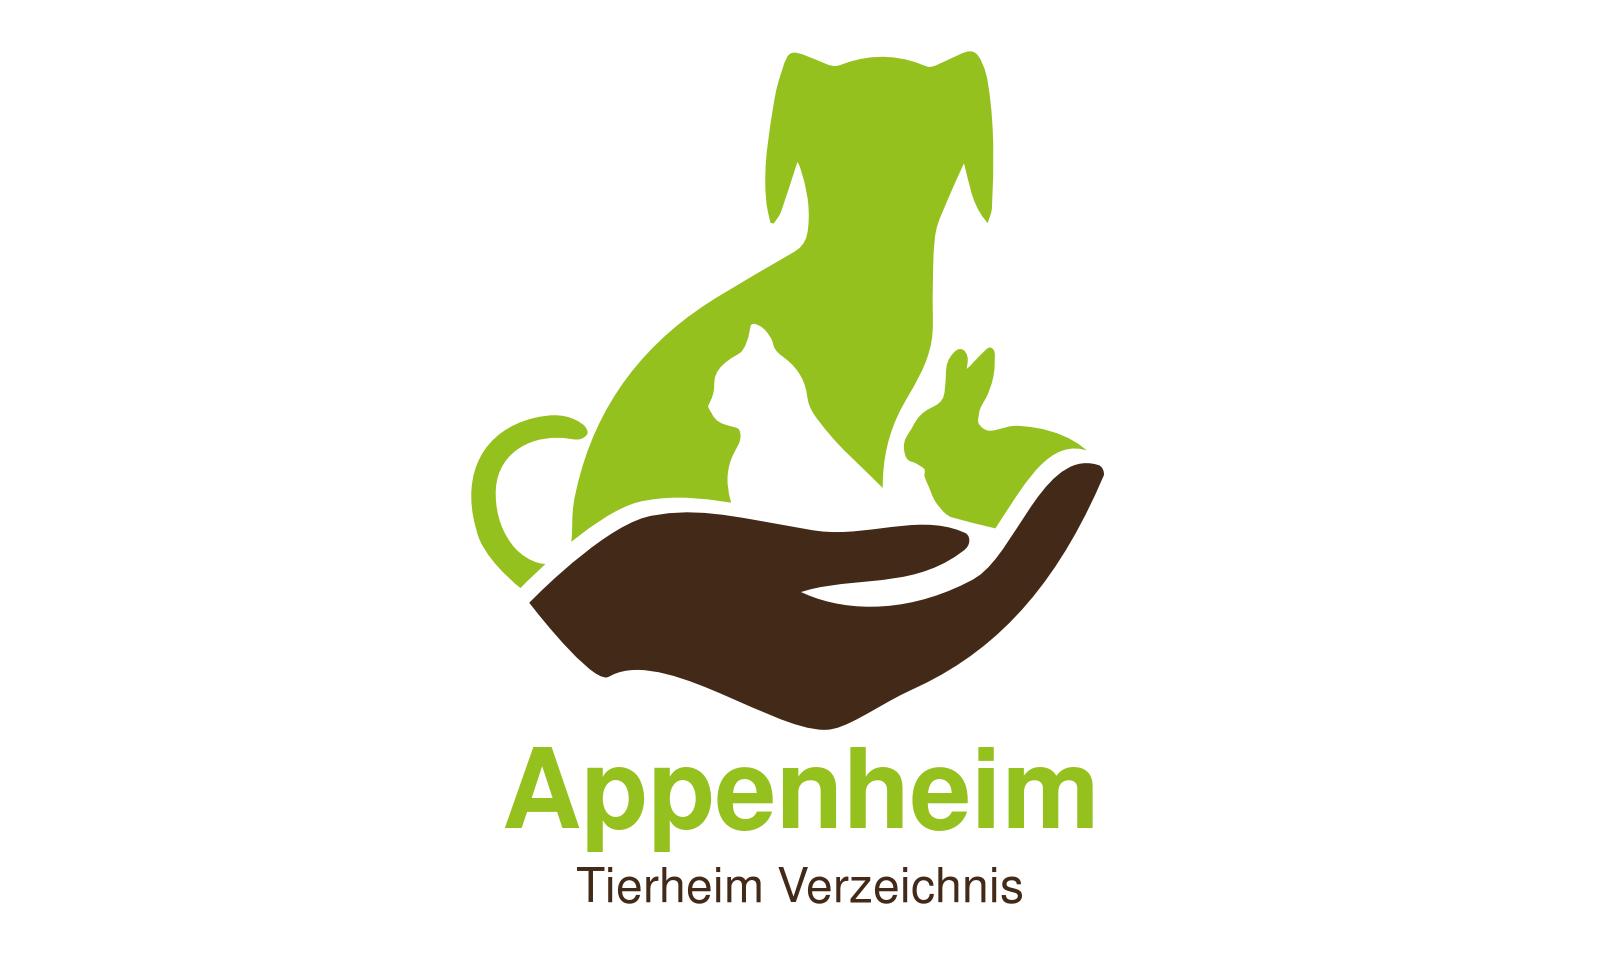 Tierheim Appenheim